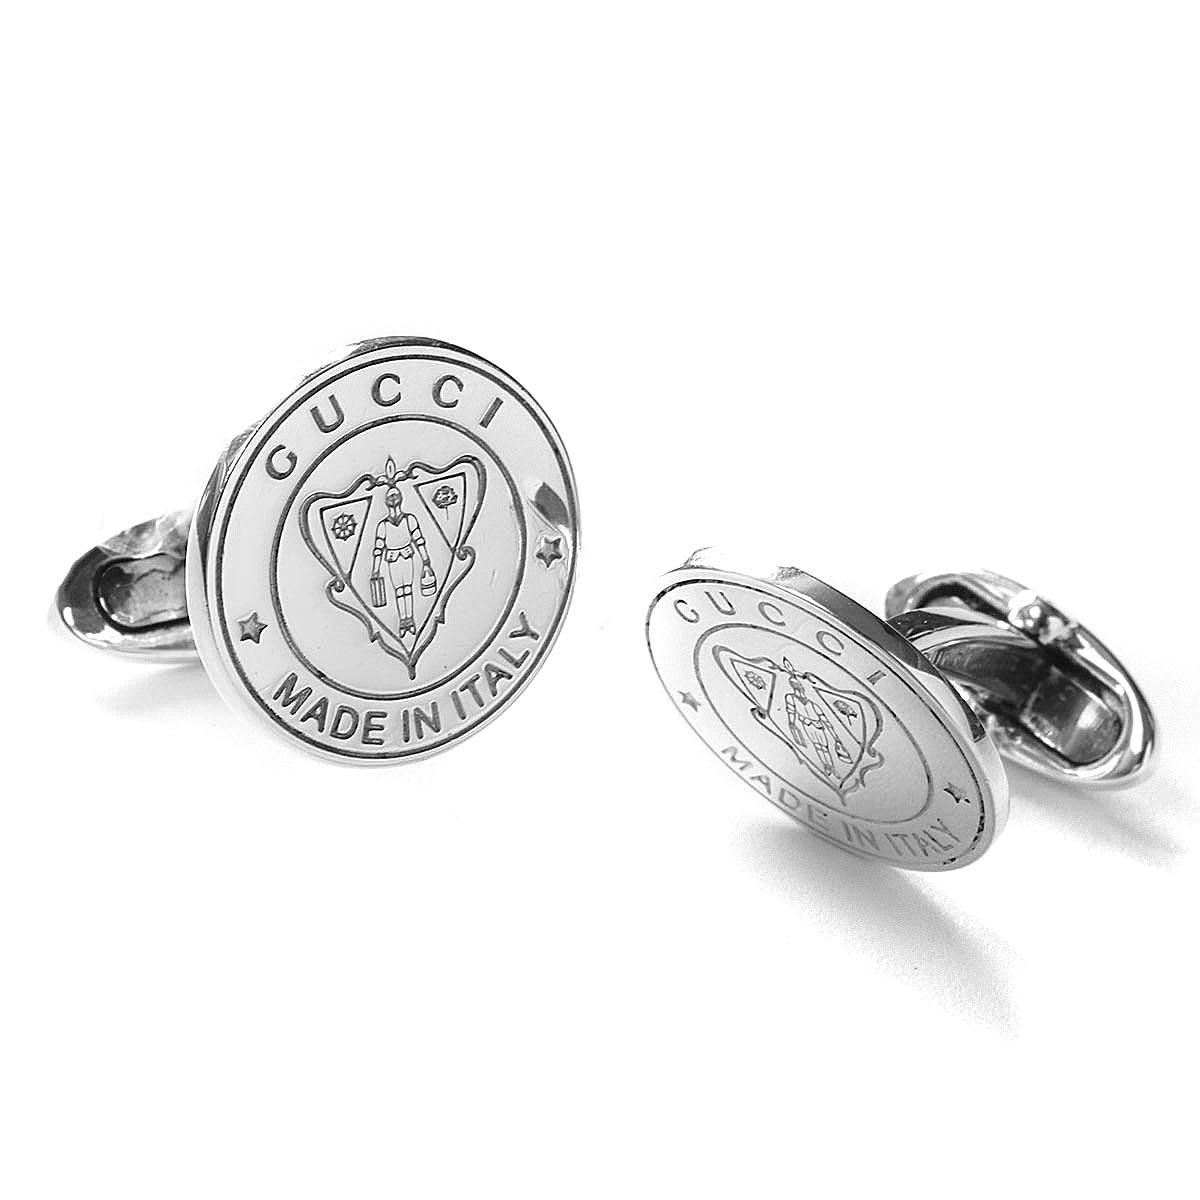 グッチ カフス アクセサリー メンズ クレスト 紋章 シルバー 284548 J8400 8106 GUCCI